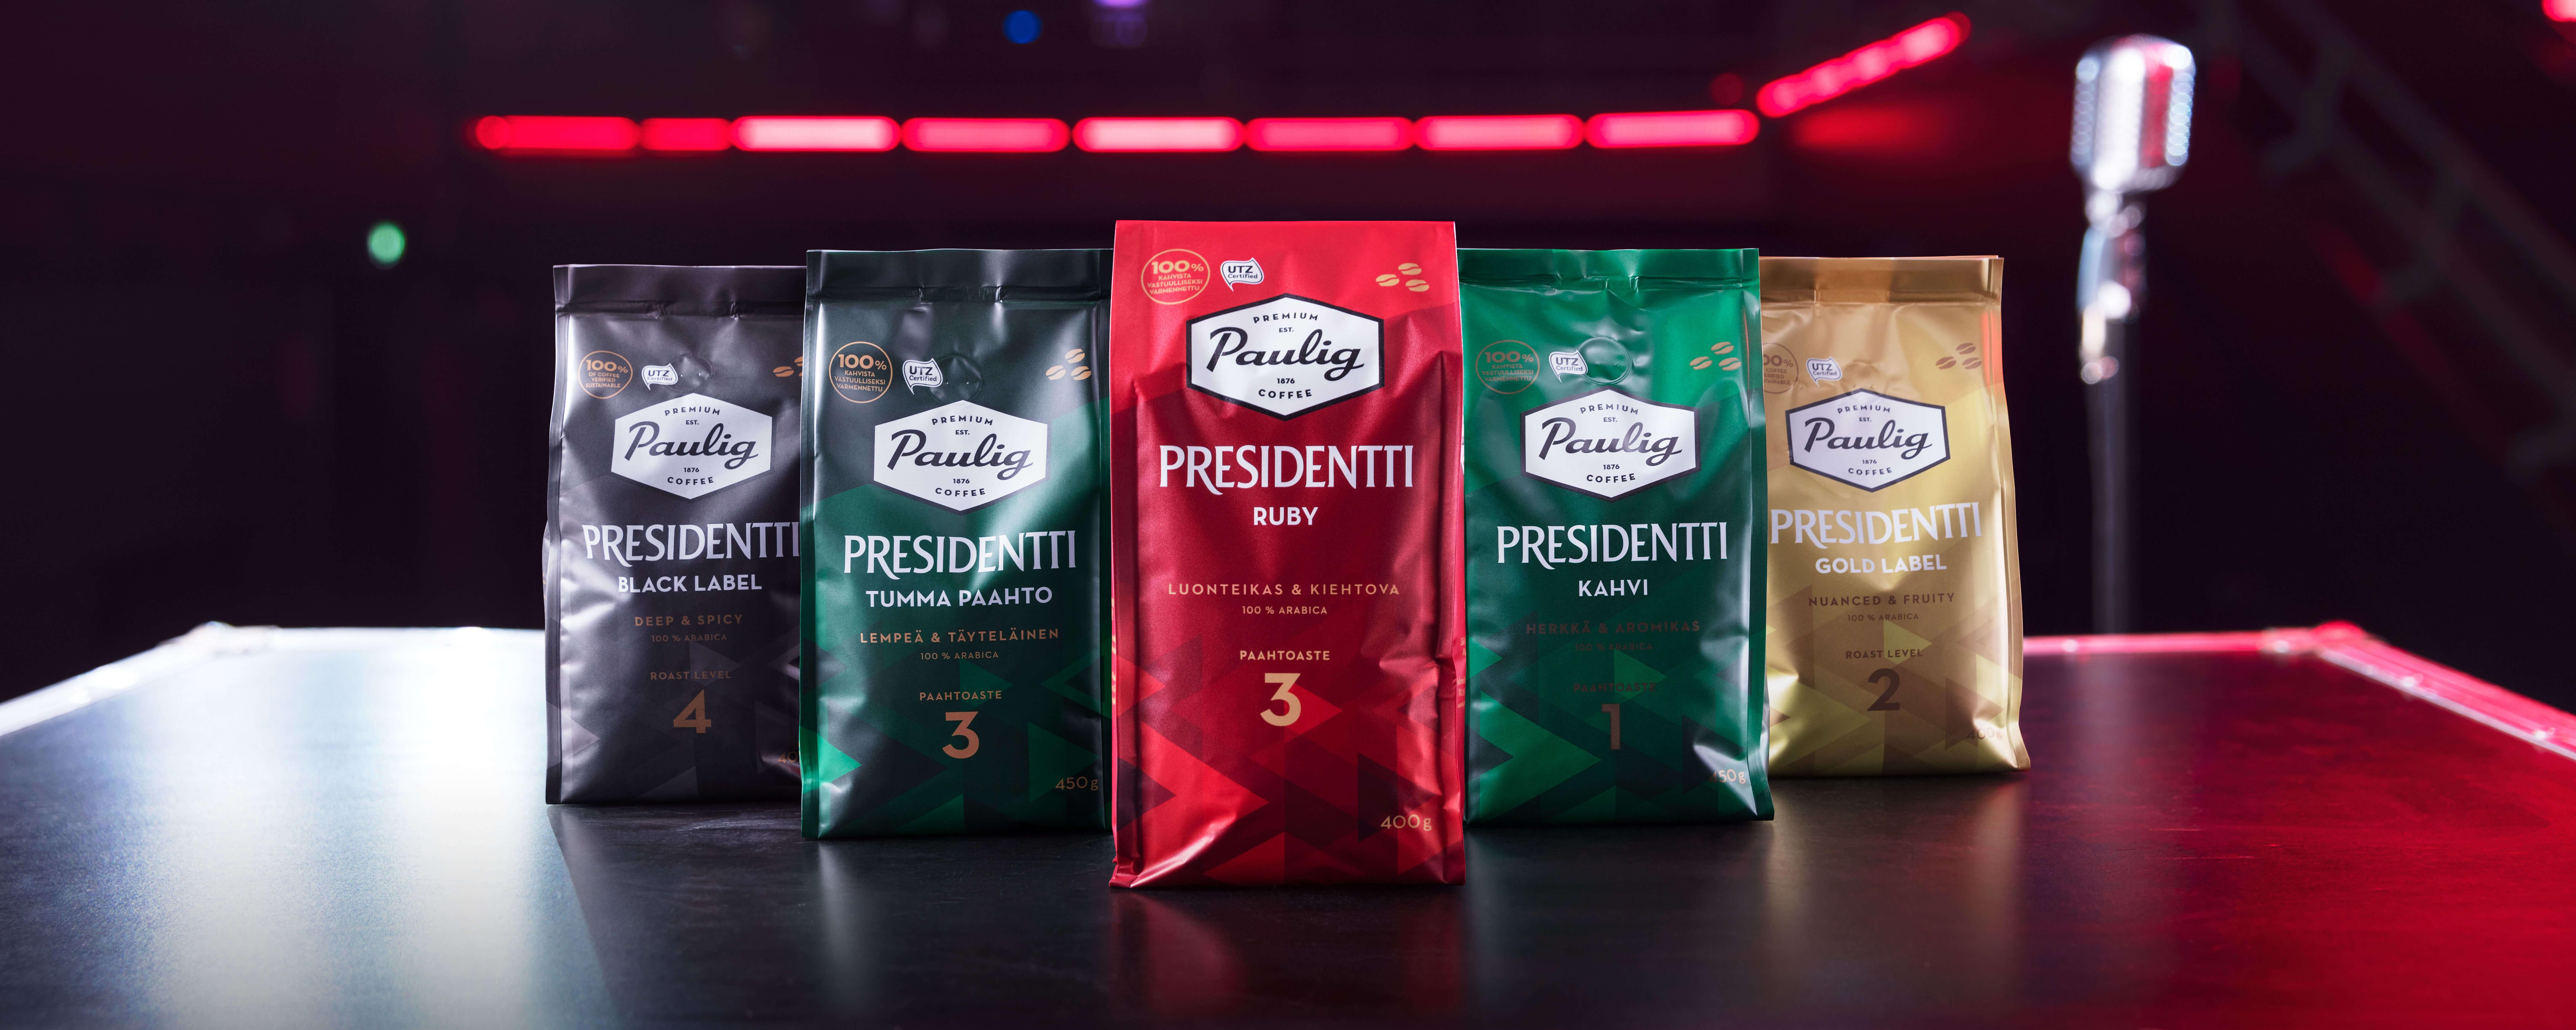 Presidentti Ruby kahvipaketteja kuvattuna konserttisalissa tummaa taustaa vasten